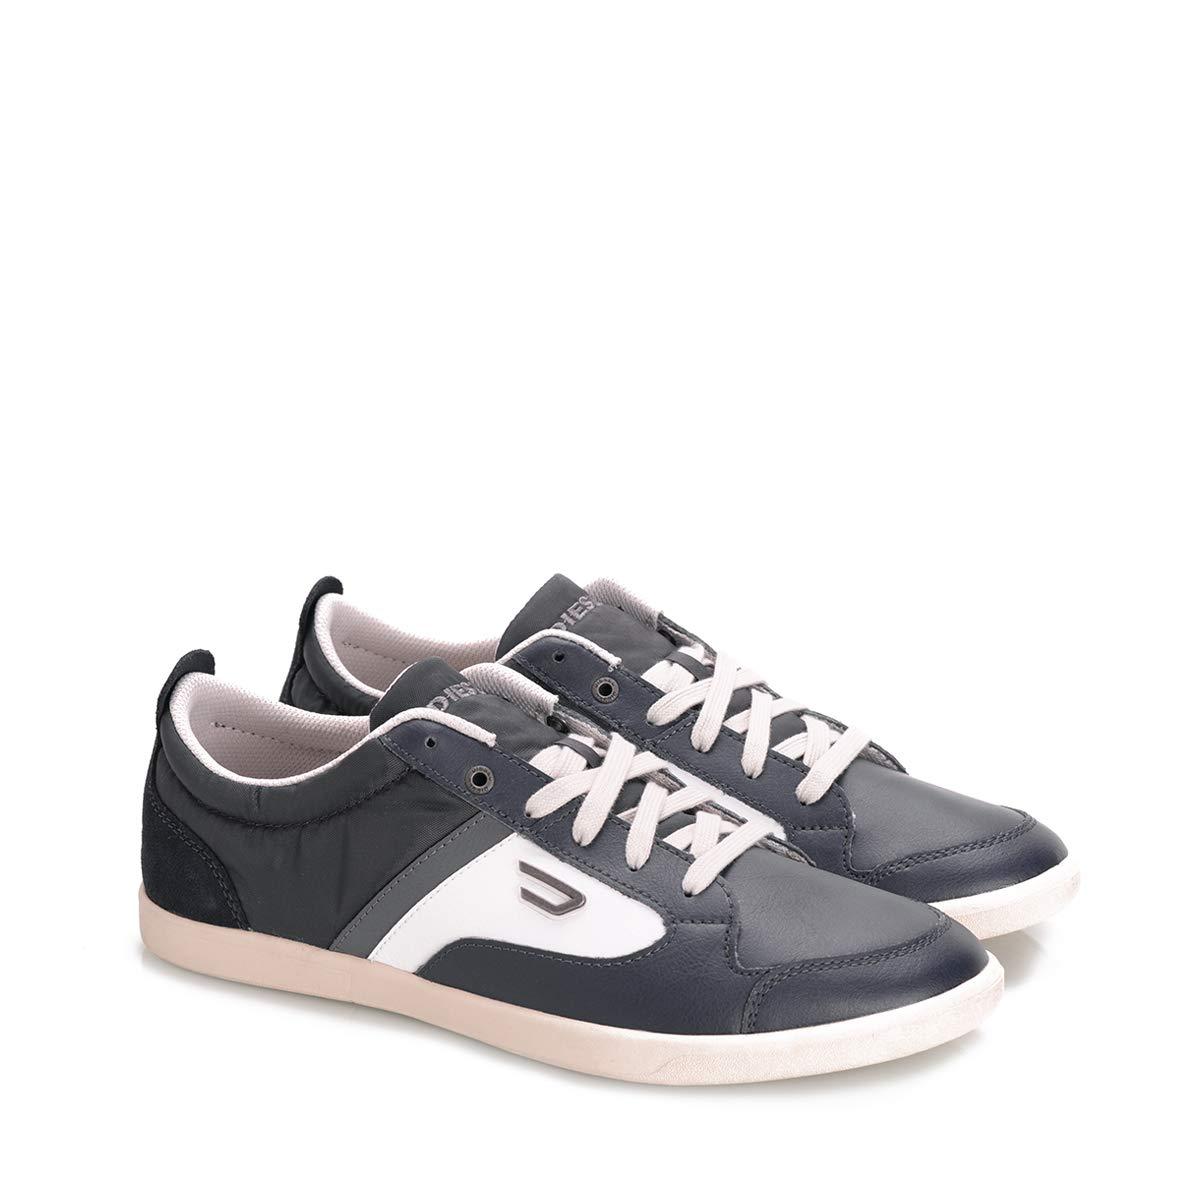 DIESEL scarpe da ginnastica E-SERJ - Y01212 P0717 T6065     Eastcop - Dimensione 46 (EU) 5a7733